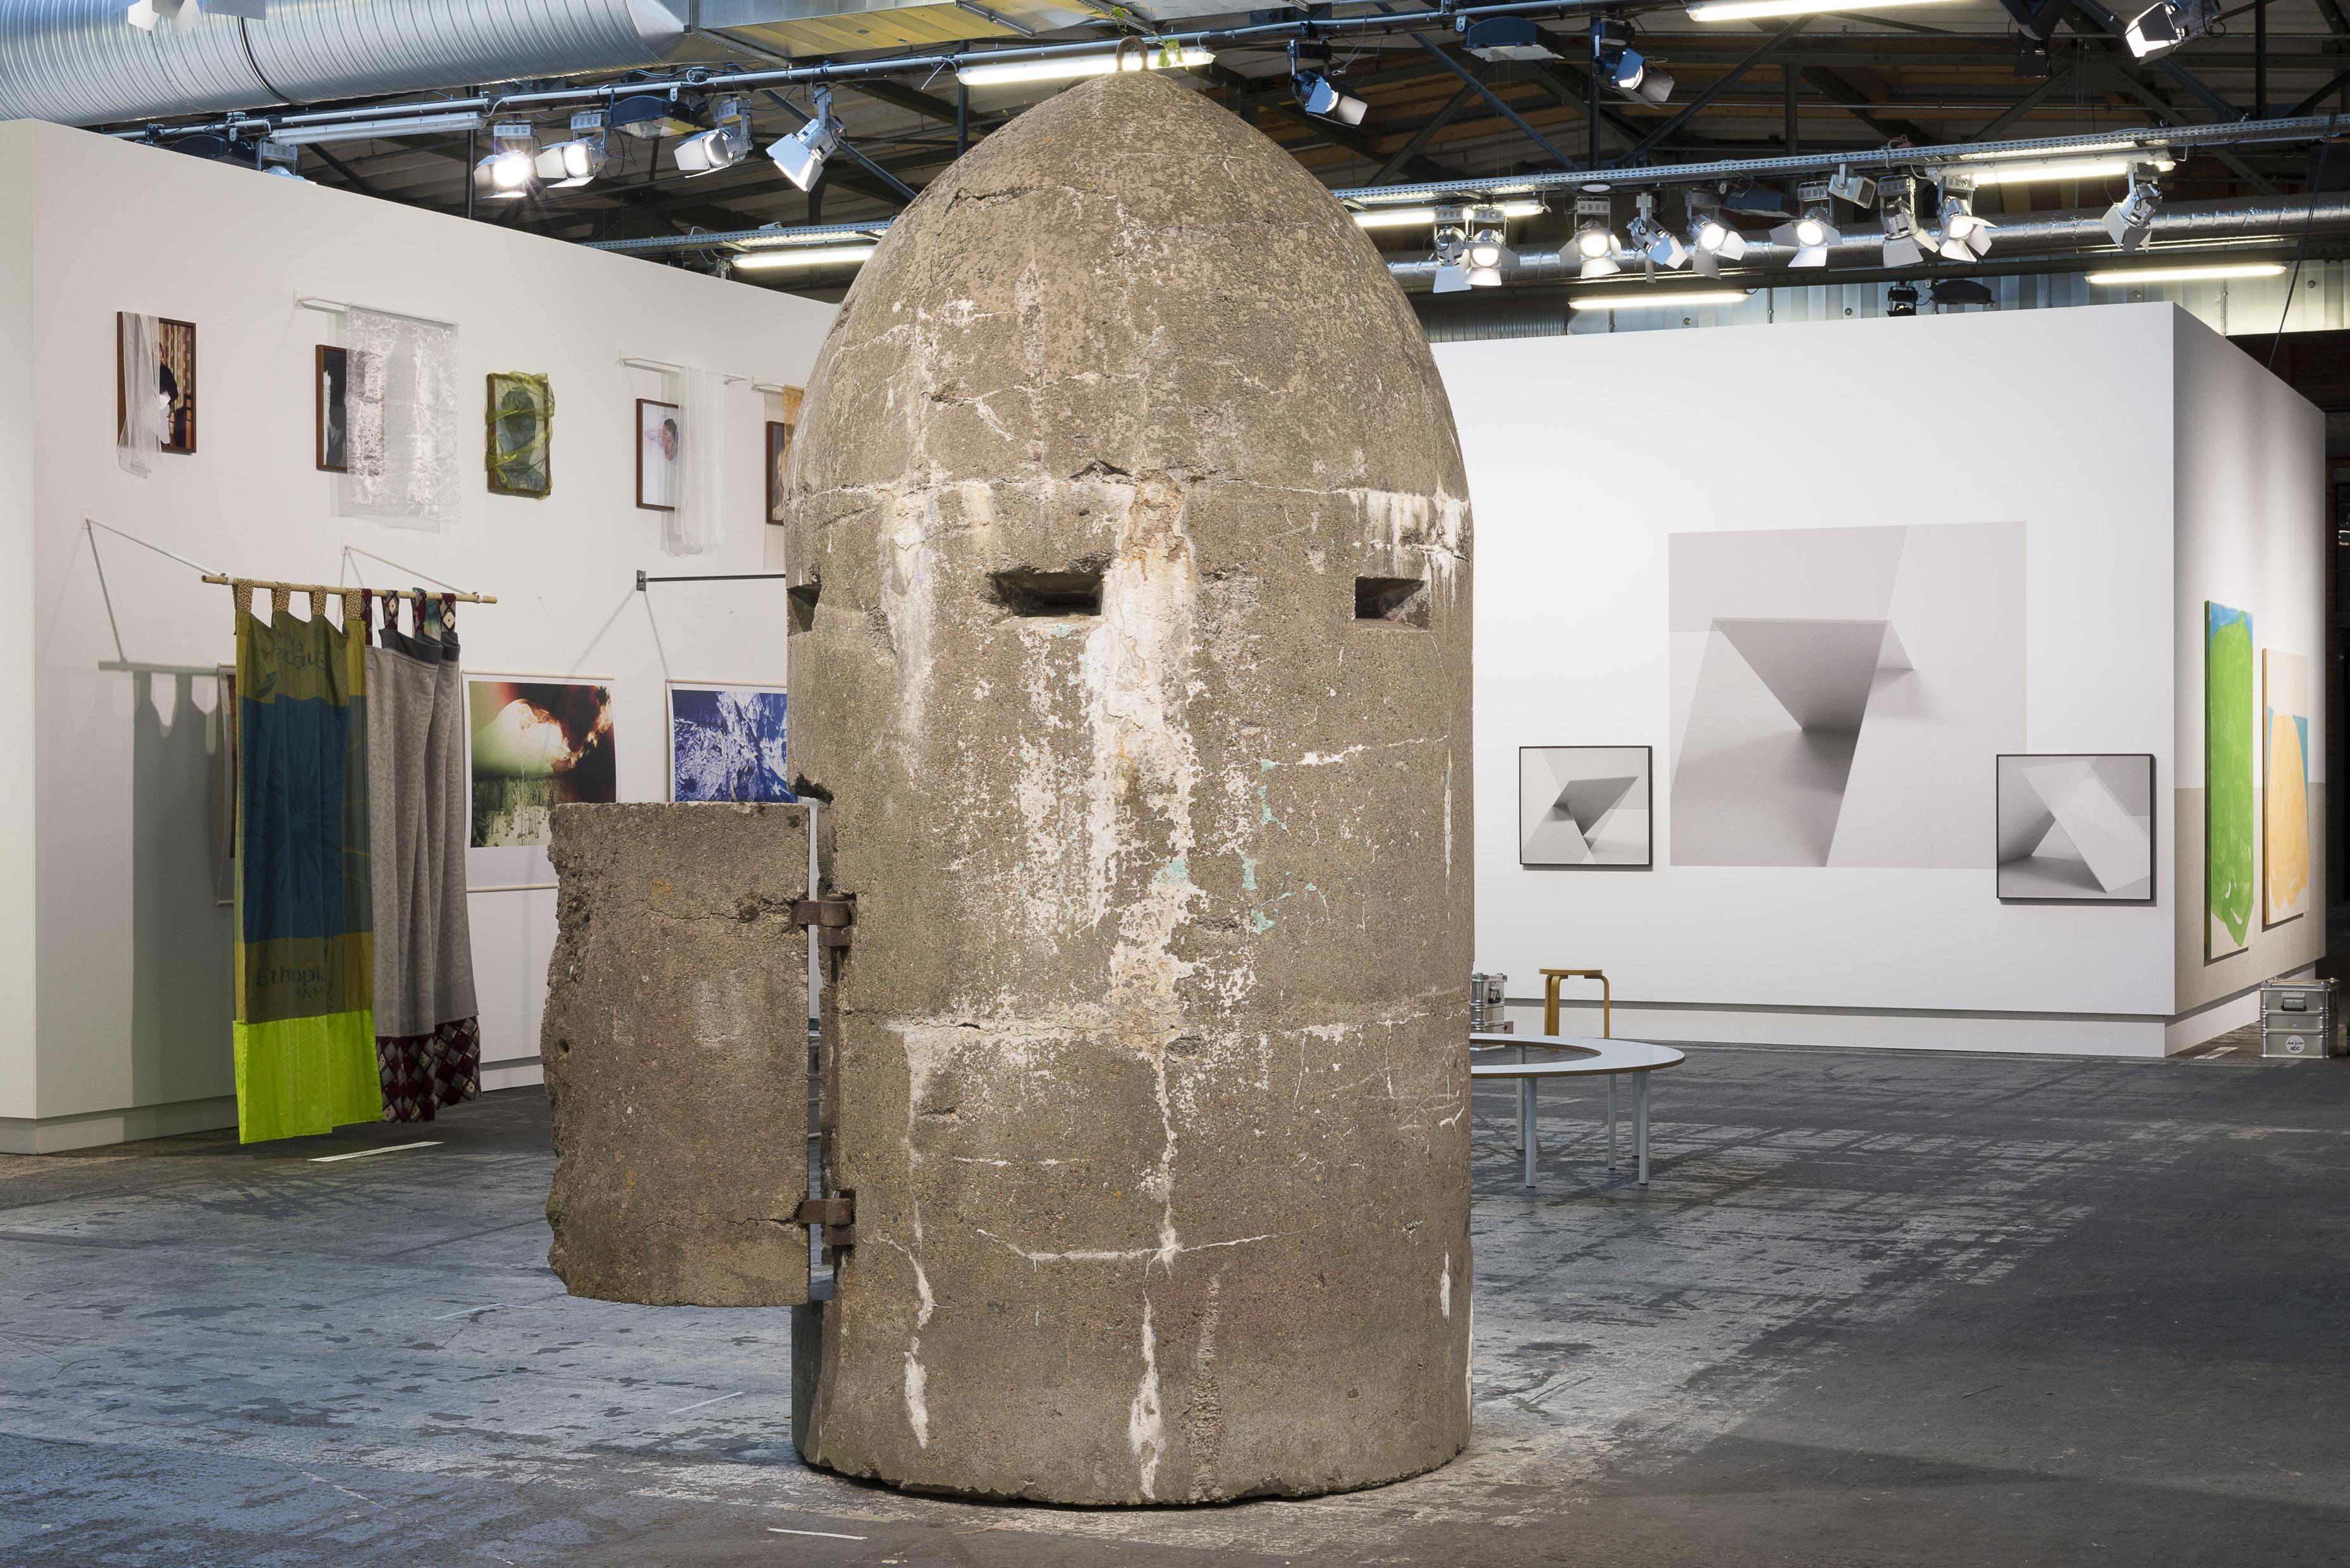 GalerieRosemarieSchwarzwaelder_DanielKnorr